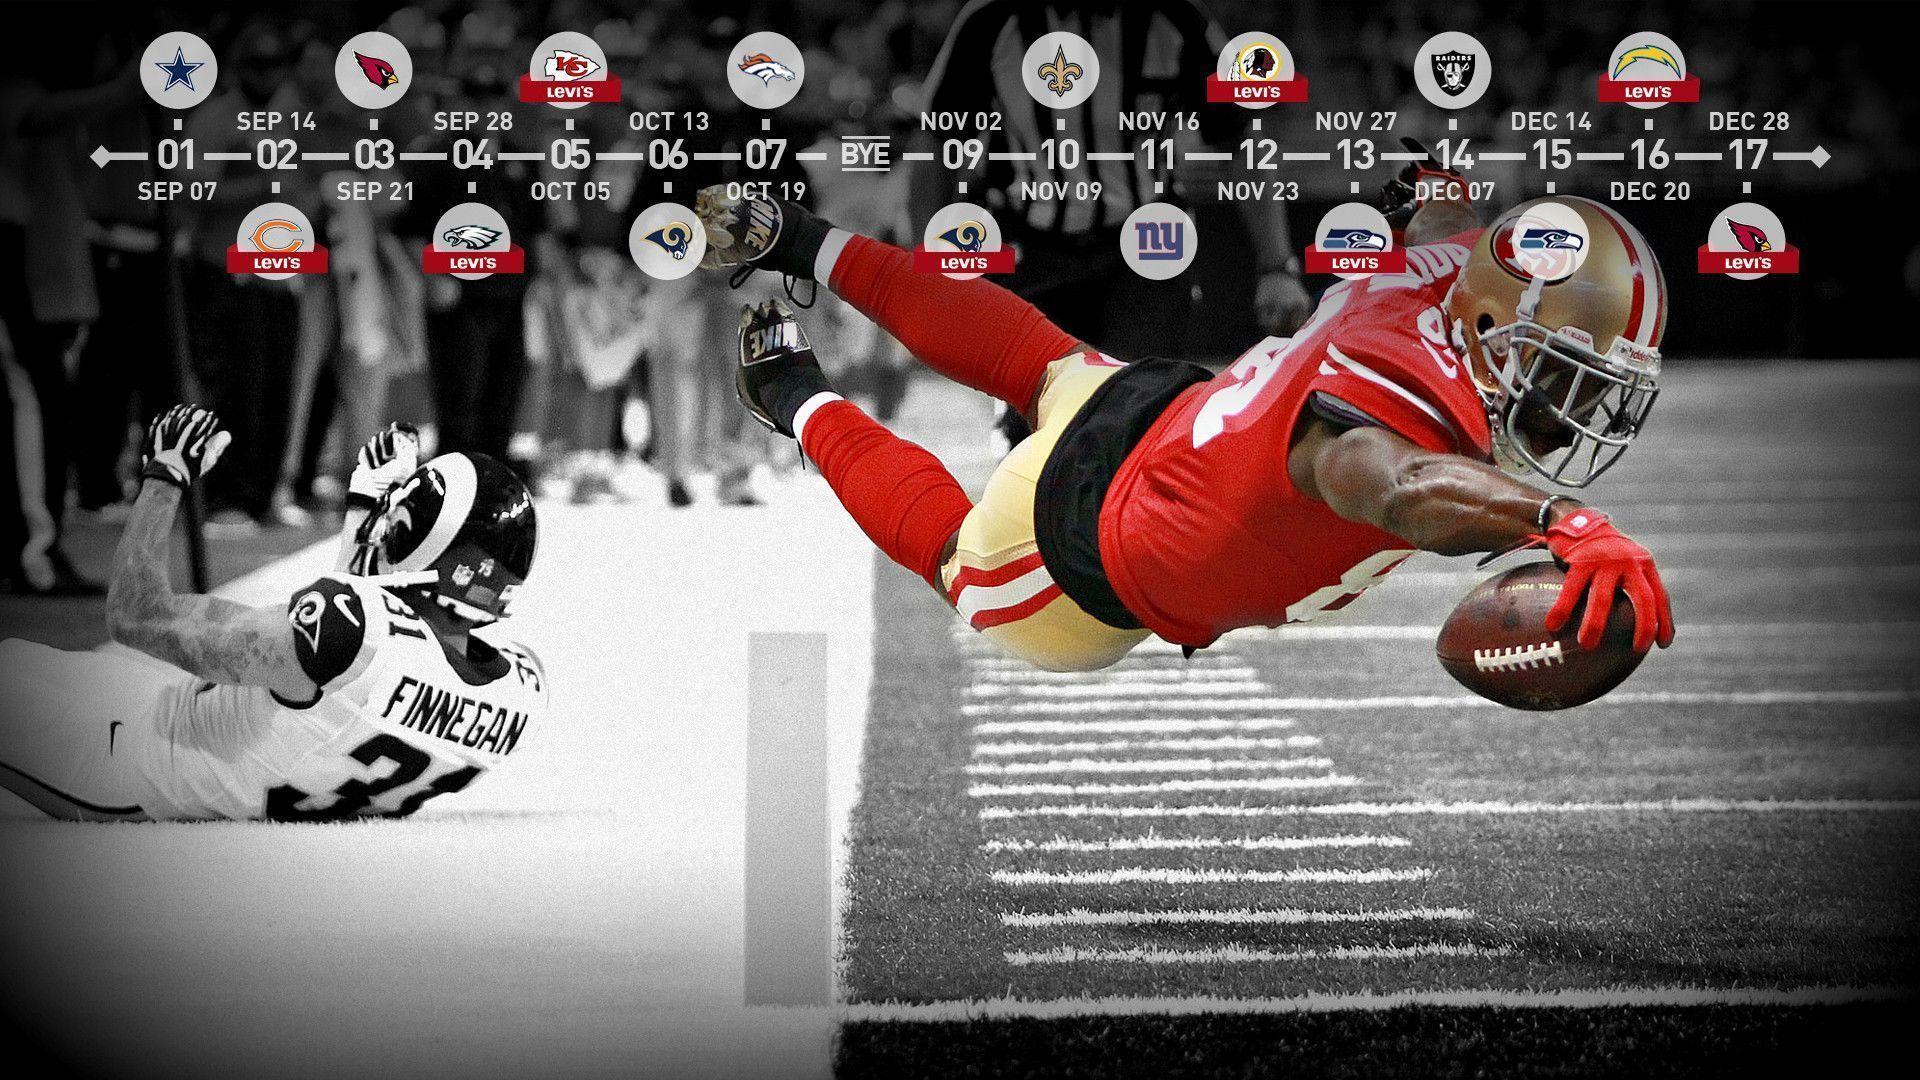 49ers pictures wallpaper wallpapersafari - 49ers wallpaper iphone 5 ...